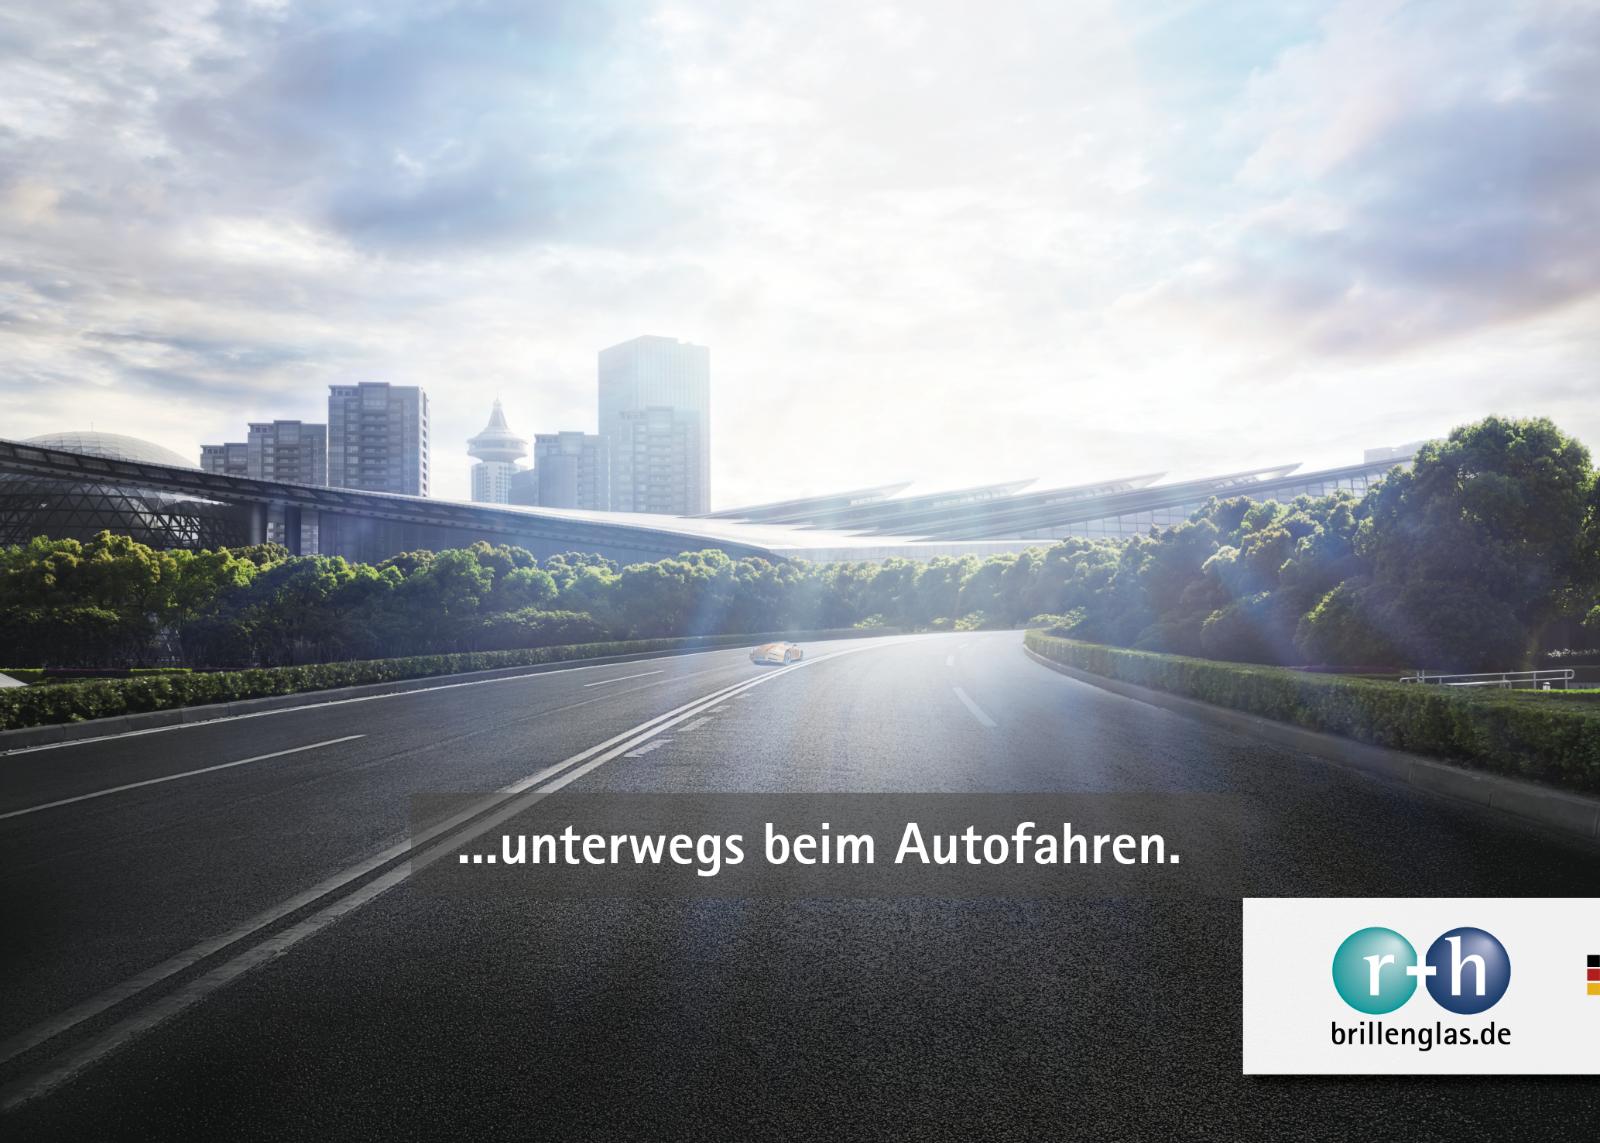 Brille_Autofahren